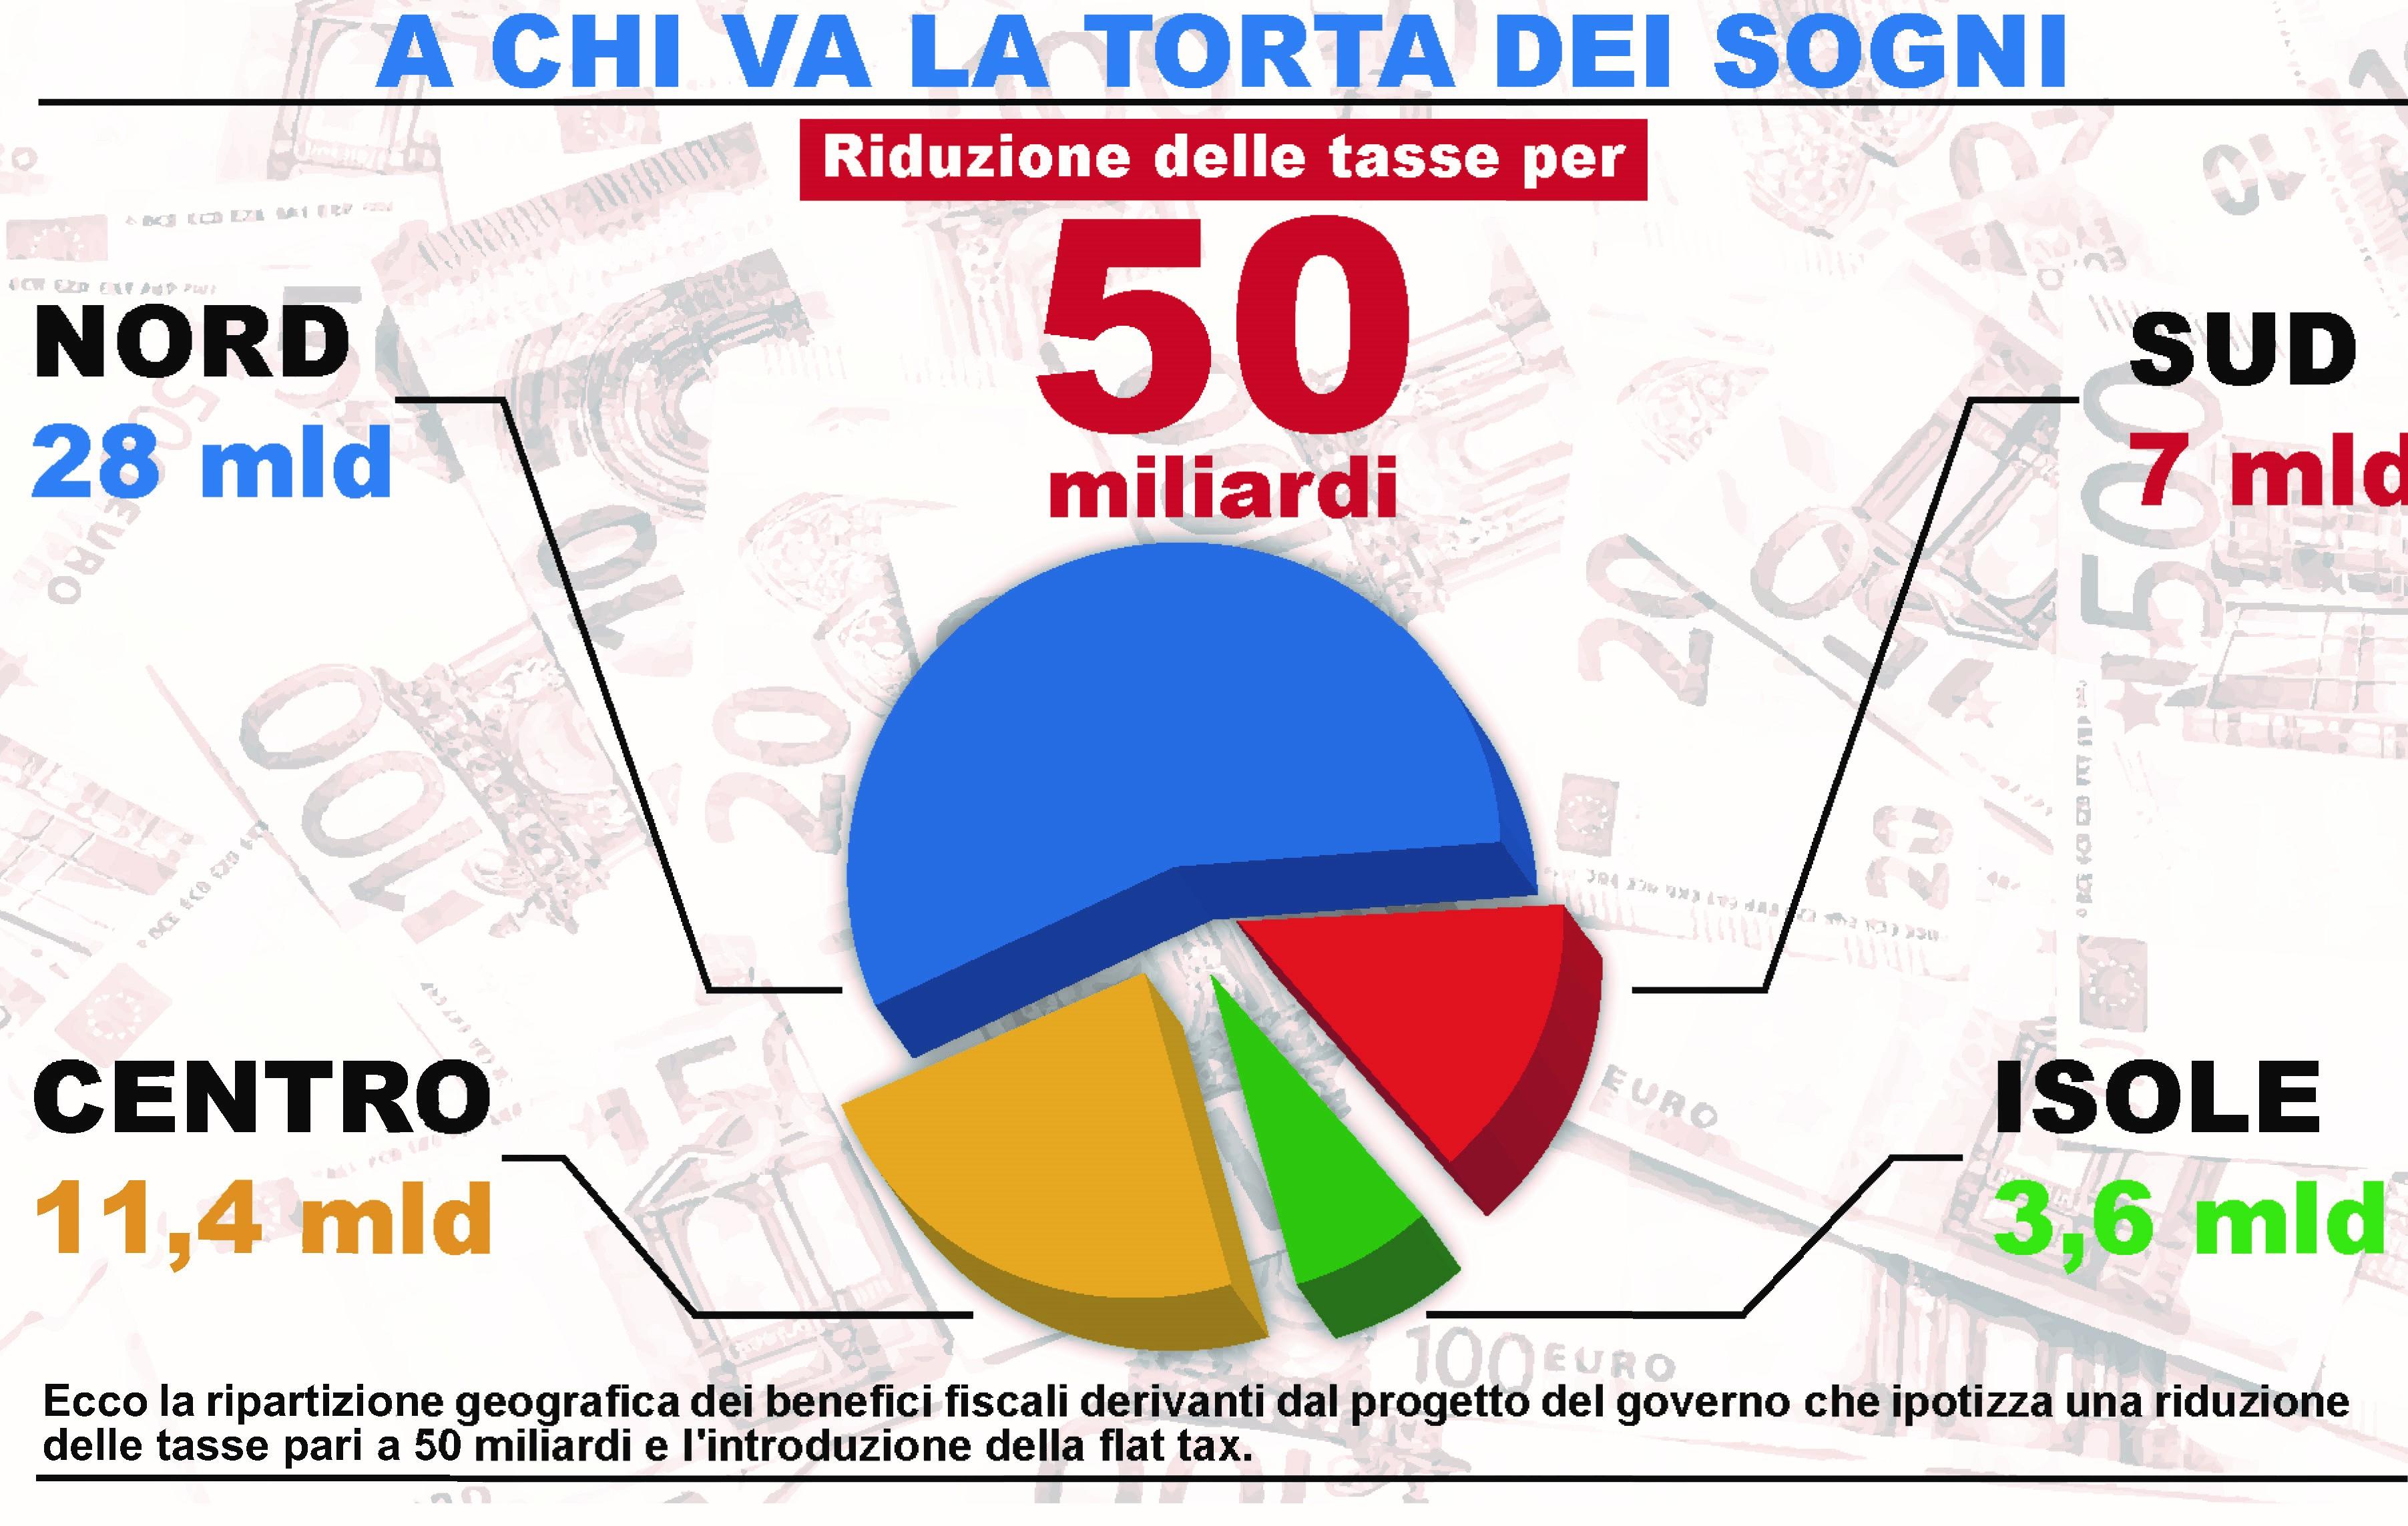 Flat Tax, il governo promette un risparmio da 50 miliardiMa 11 vanno alla già ricca Lombardia e solo 7 a tutto il Sud